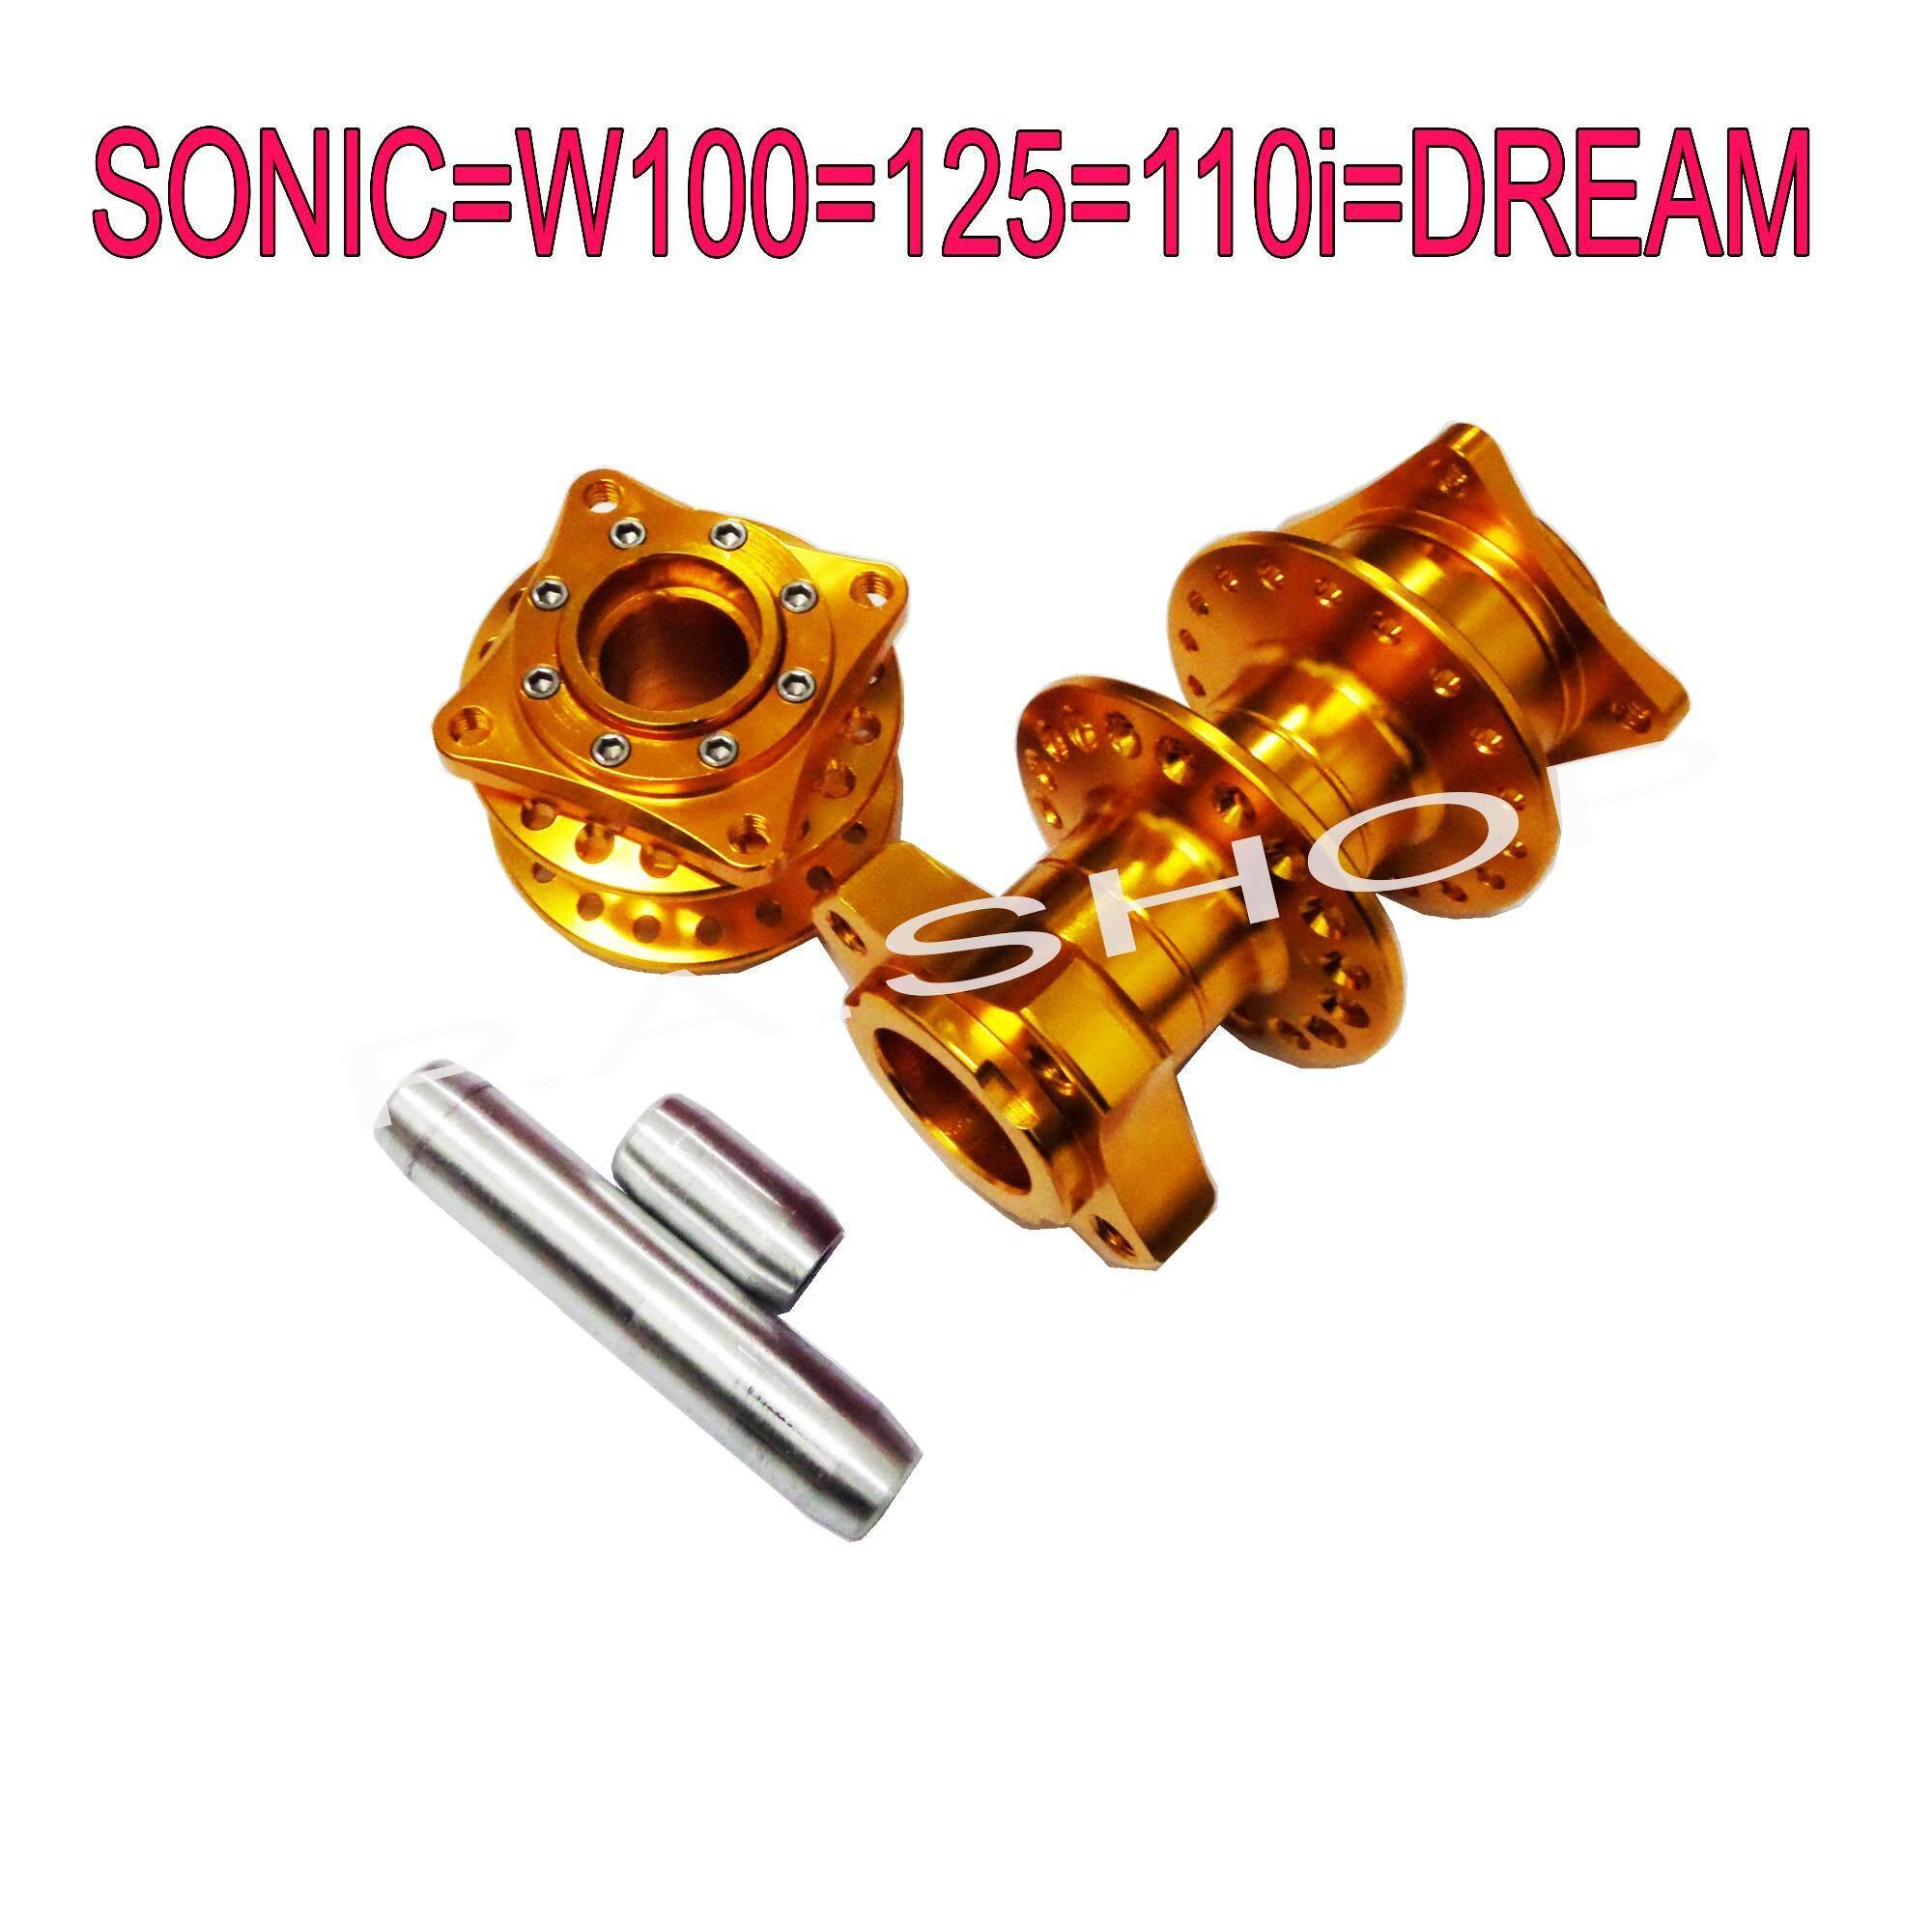 ซื้อที่ไหน ดุมย่อแต่งงาน CNC 2ชั้น แท้ BOUSHI ดิสหน้า+ดิสหลัง สำหรับ HONDA-SONIC=W100=125=110i=DREAM SUPERCUP สีทอง งานสุดเทพ